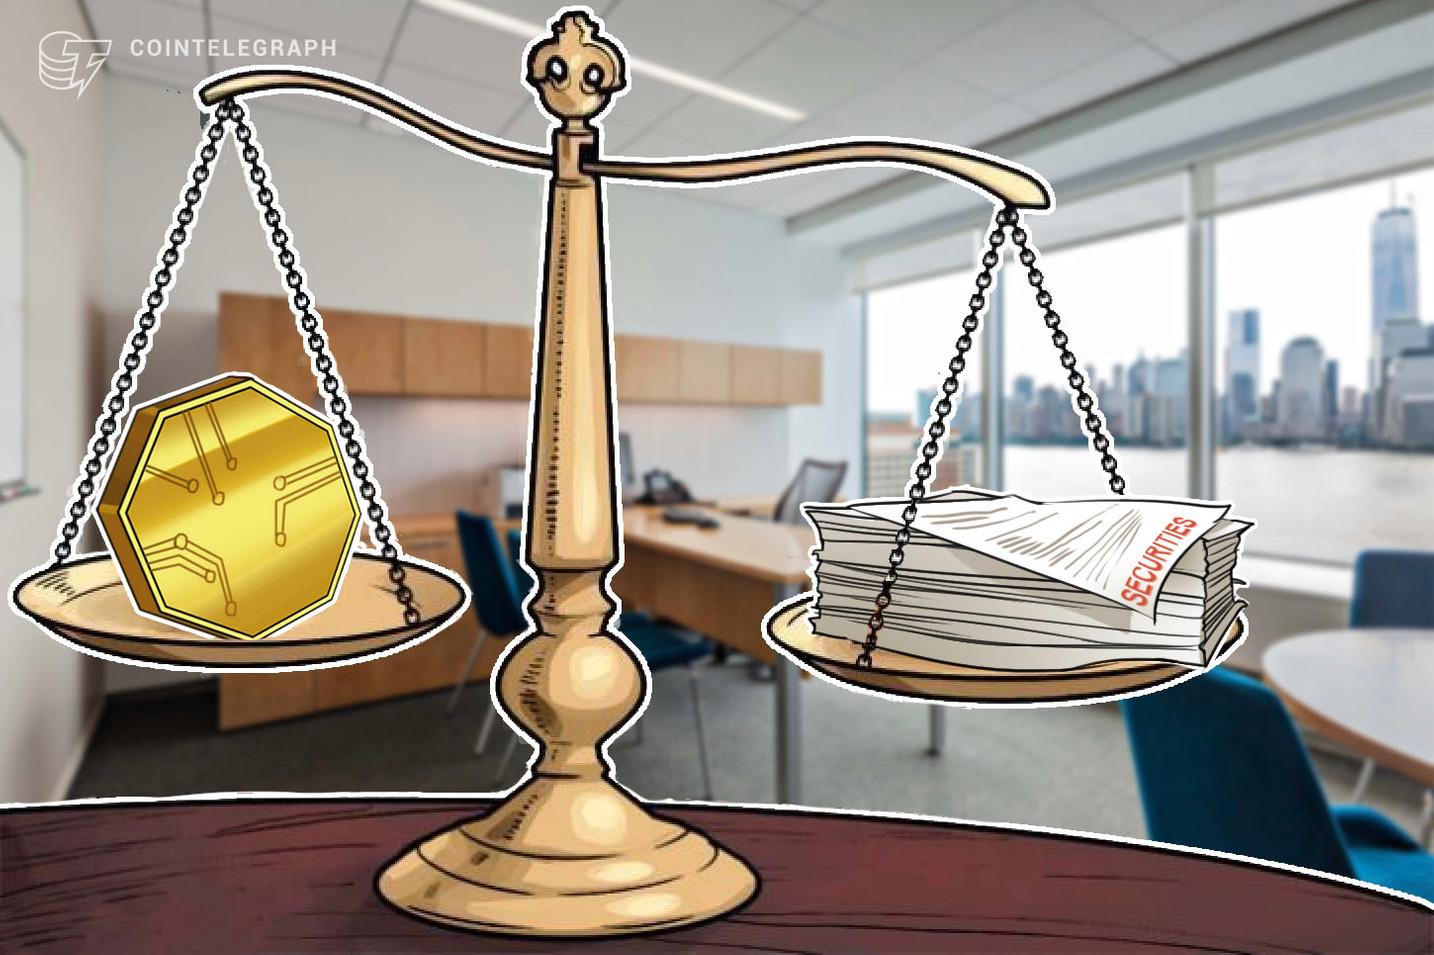 المستشار الاقتصادي لبنك التسويات الدولية: ينبغي اعتبار العملات الرقمية أوراقًا مالية